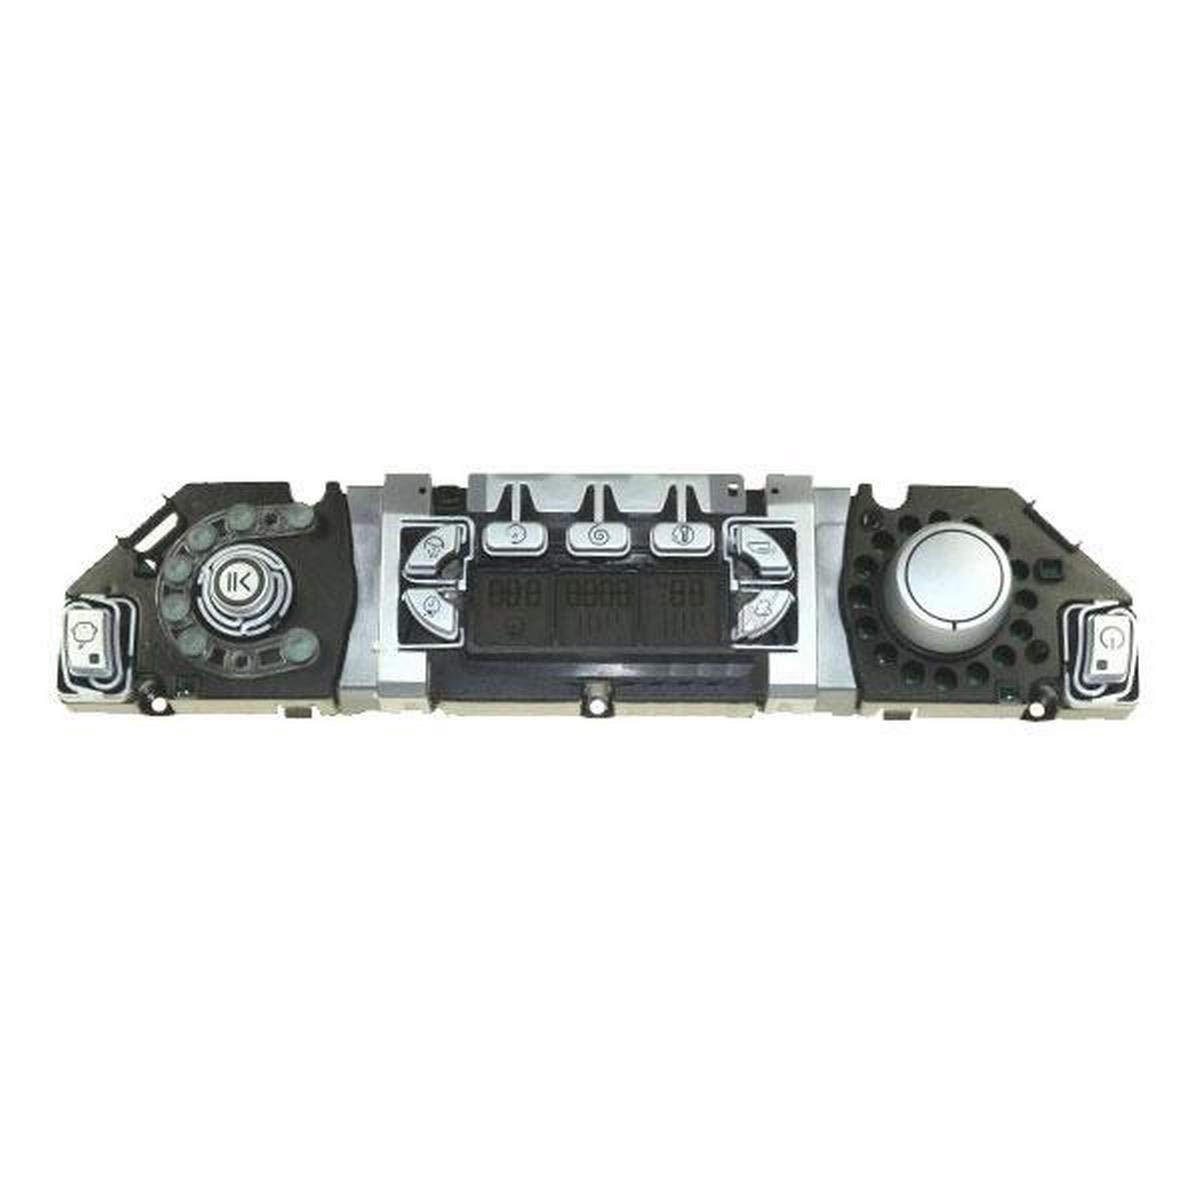 Ariston-Hotpoint-C00283392-Kontrollplatine-fr-Waschmaschine